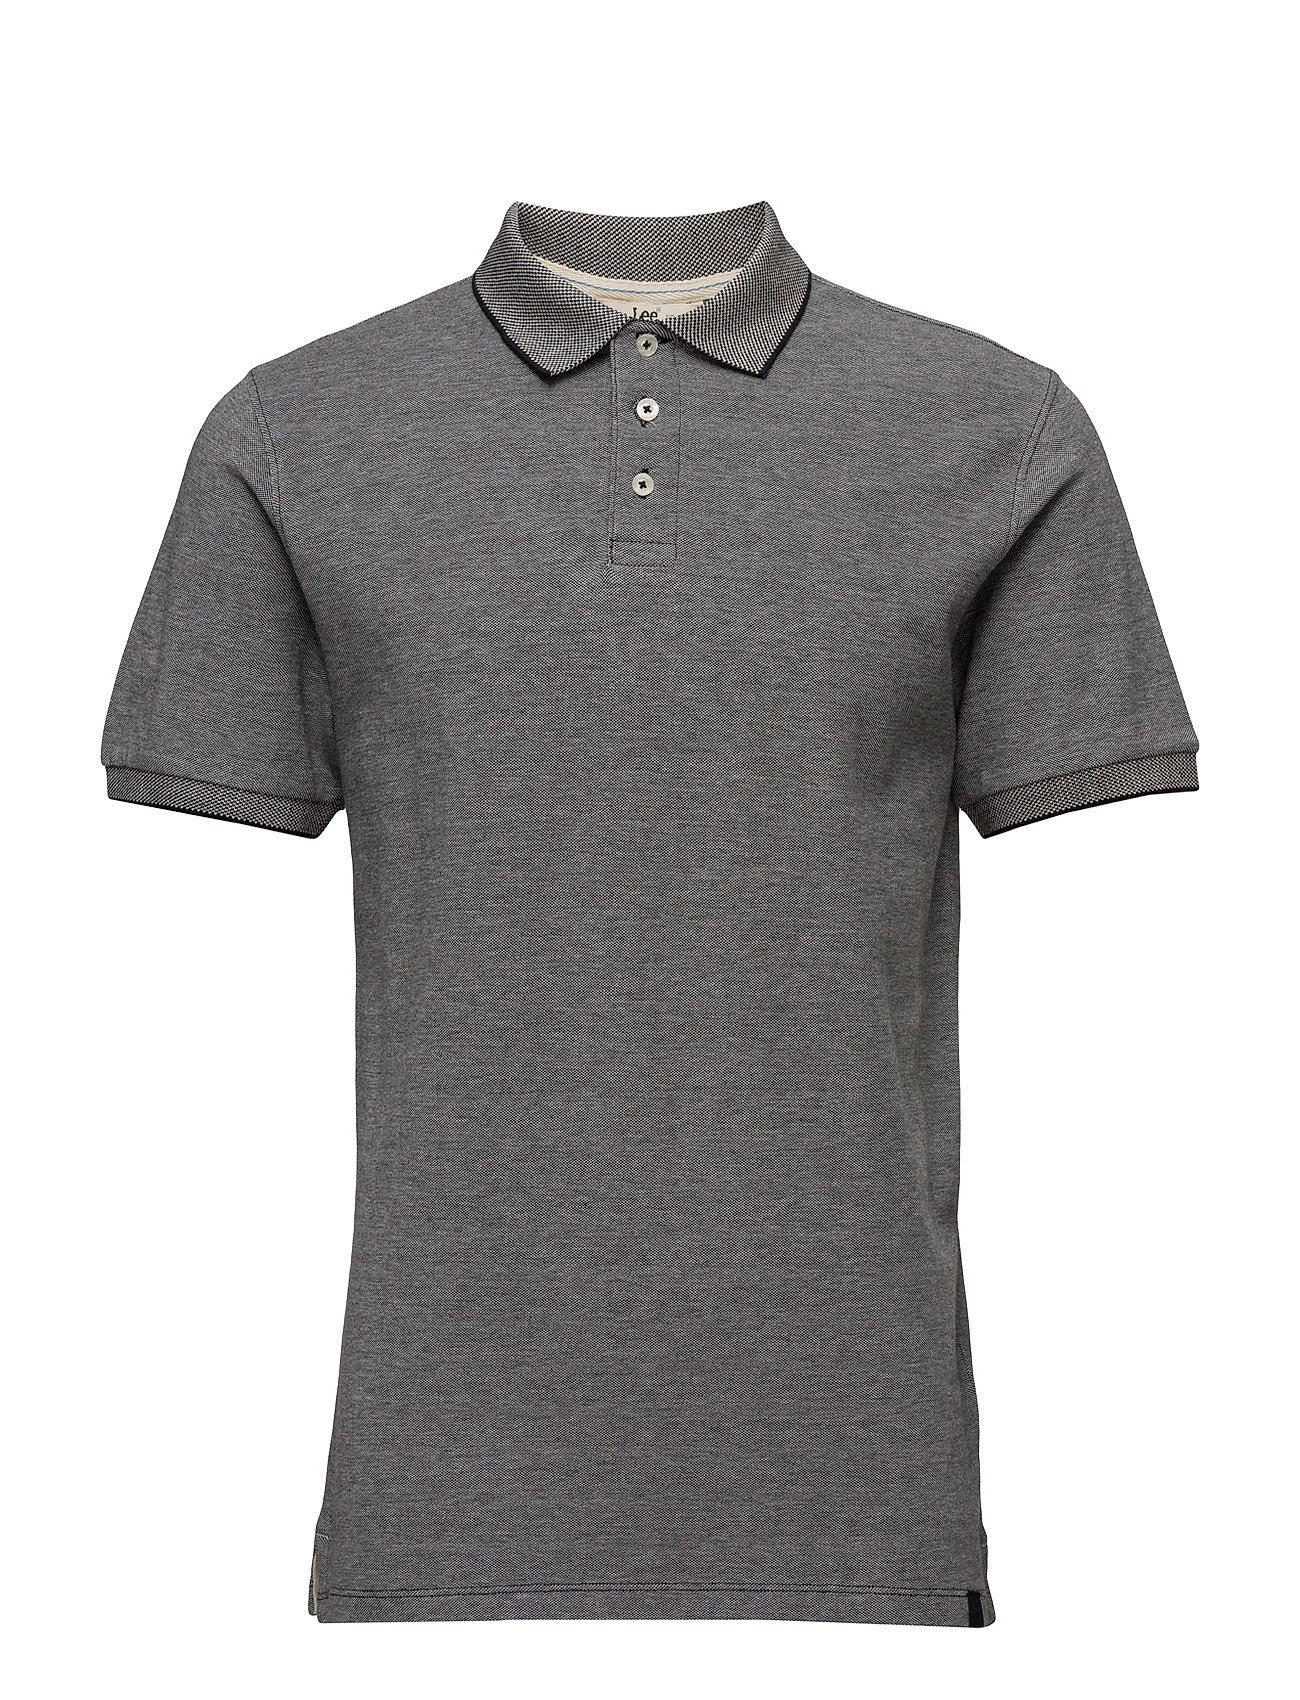 Pique Polo Black Lee Jeans Kortærmede polo t-shirts til Herrer i Sort